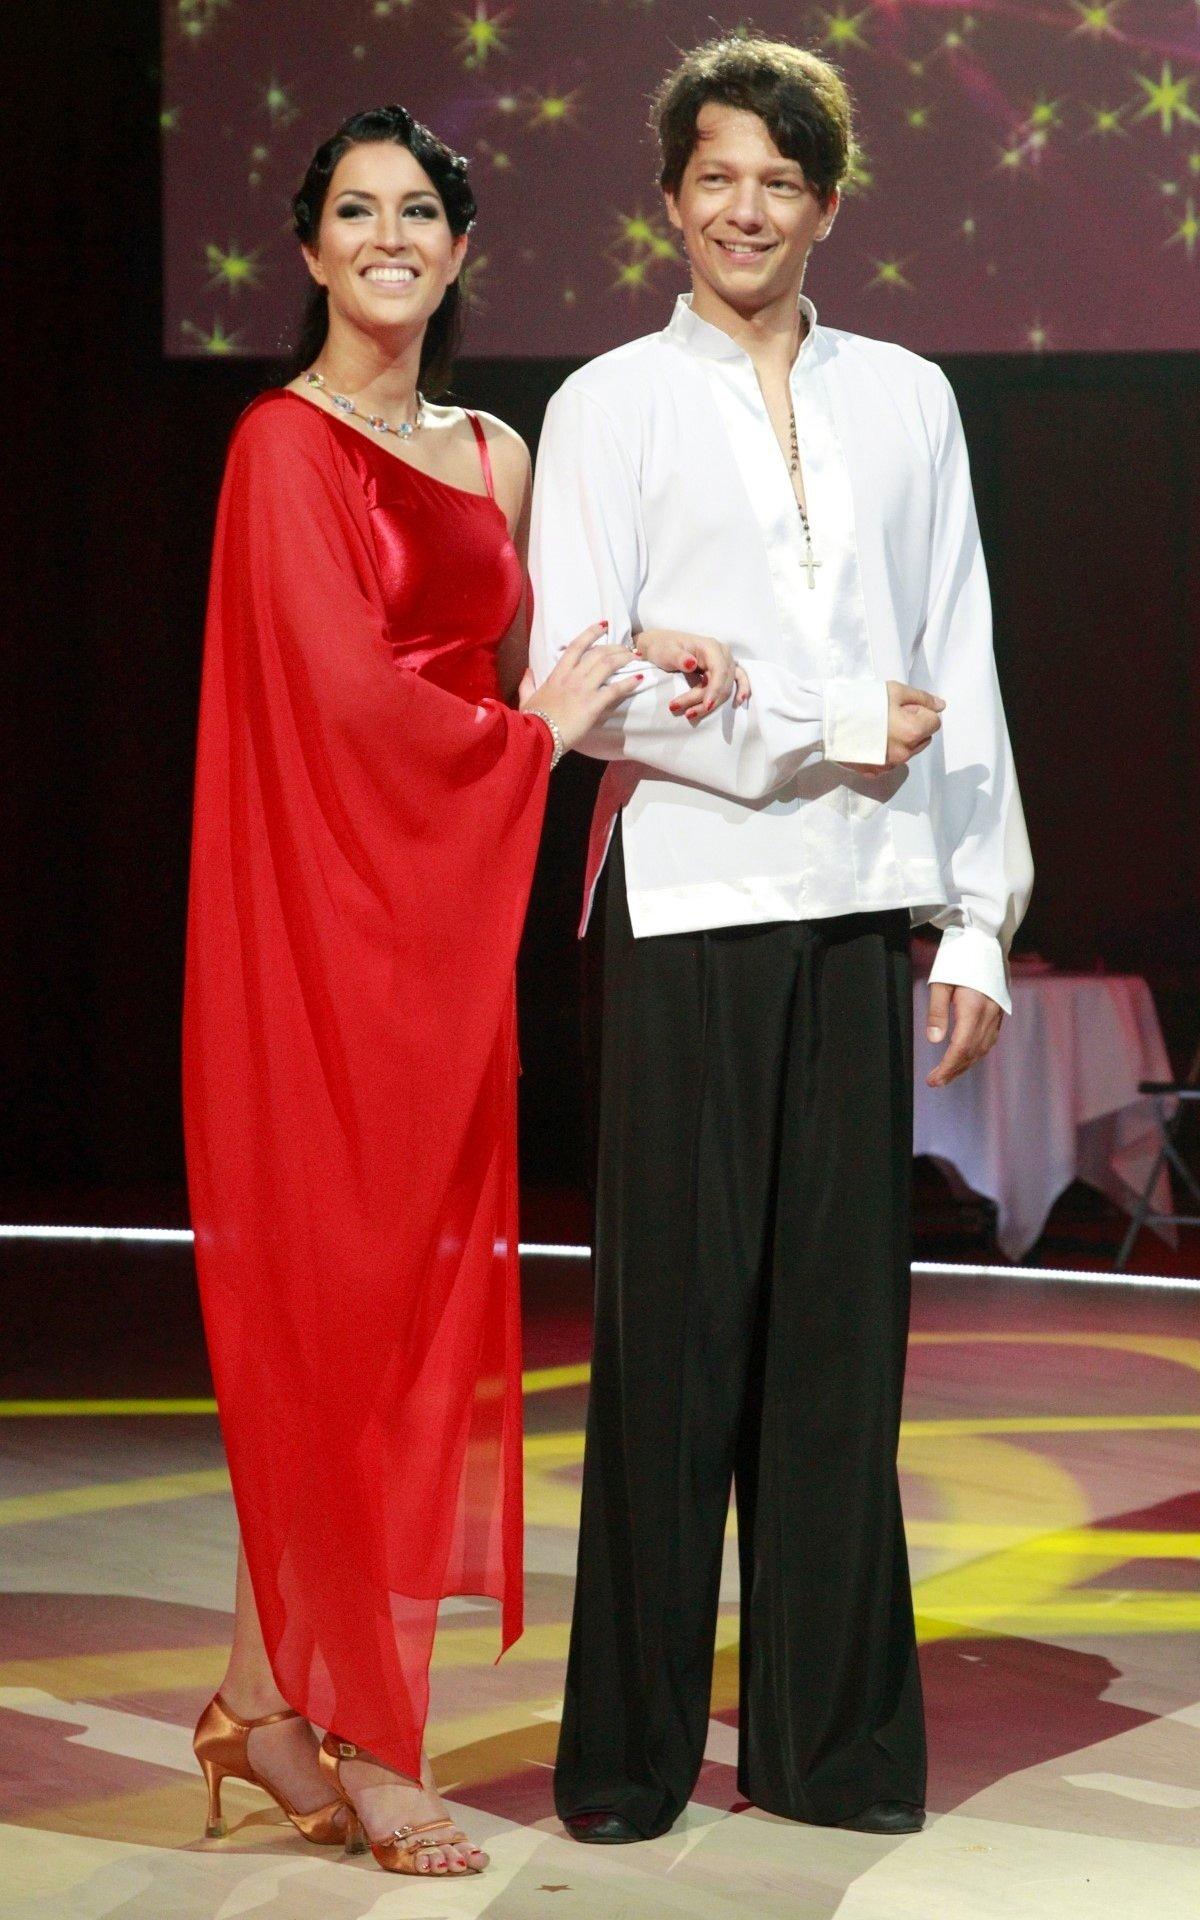 SÄRAV PAAR Tantsija Karina Veismann ja muusik Stig Rästa leidsid teineteist tantsusaates.